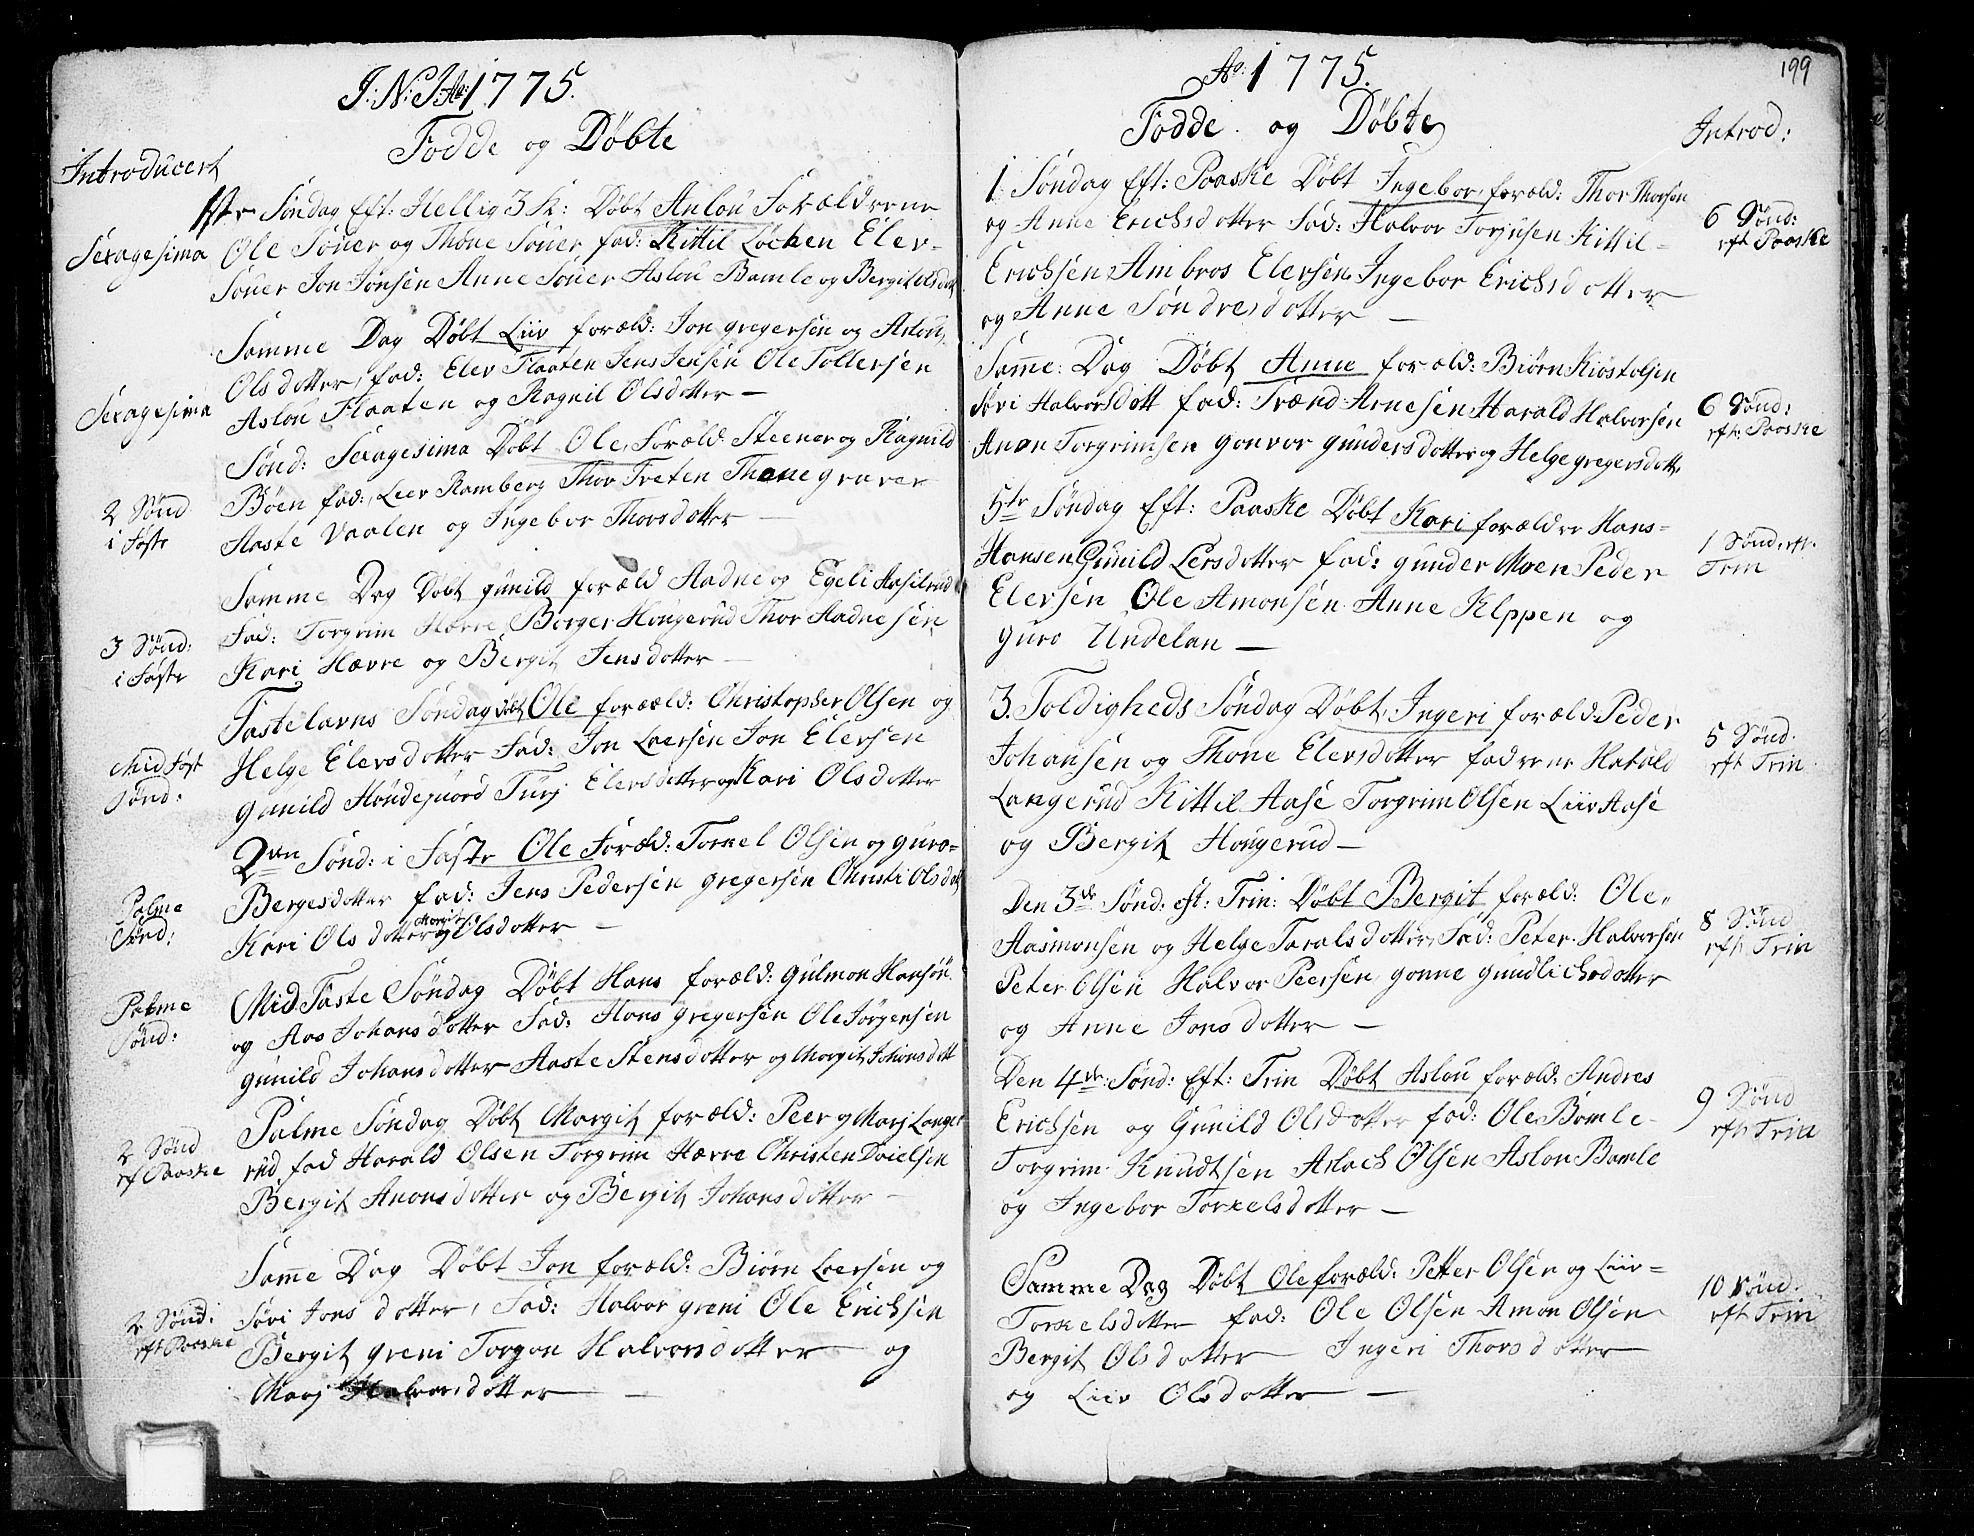 SAKO, Heddal kirkebøker, F/Fa/L0003: Ministerialbok nr. I 3, 1723-1783, s. 199